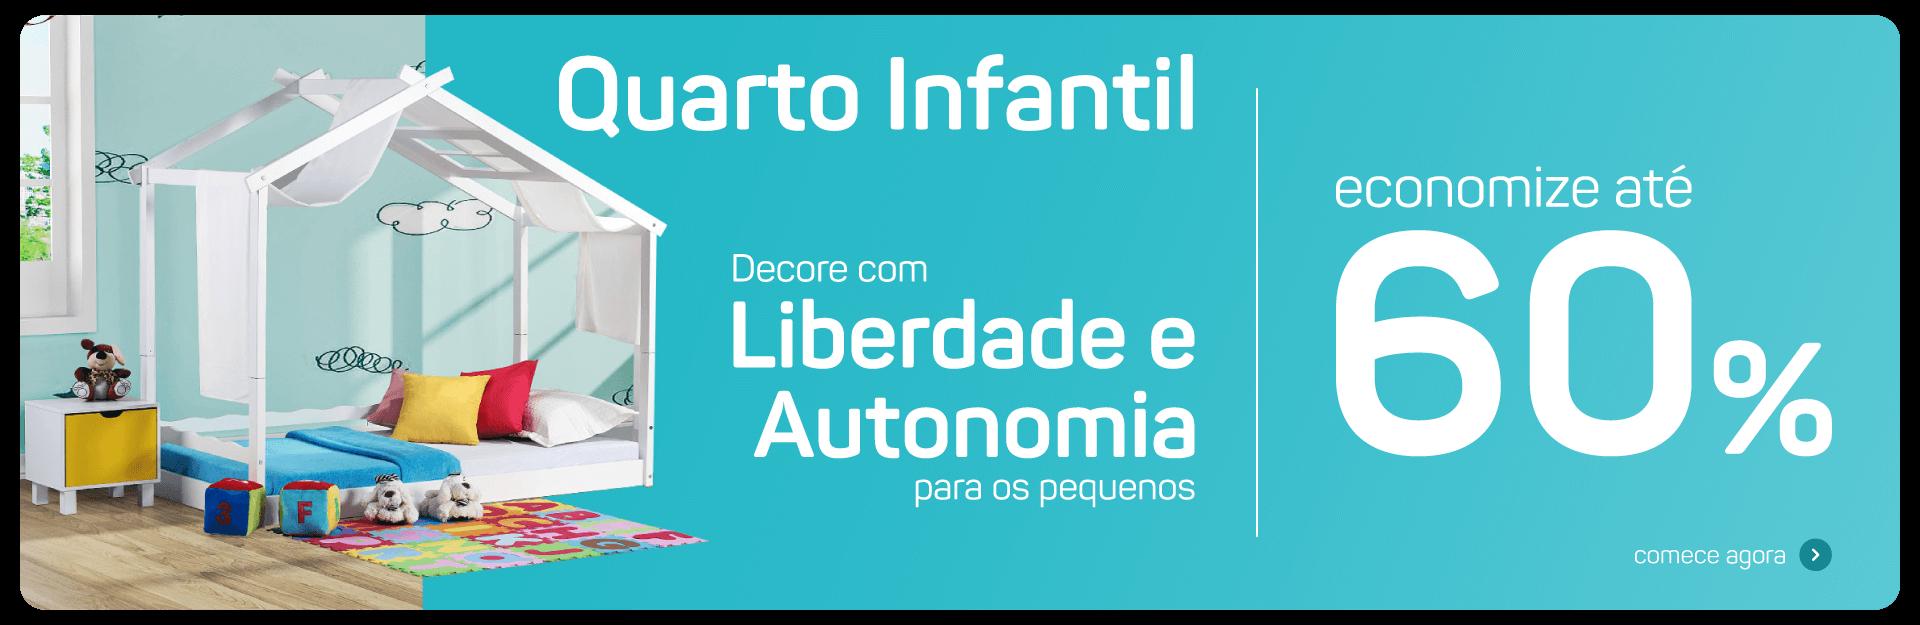 Banner Quarto Infantil